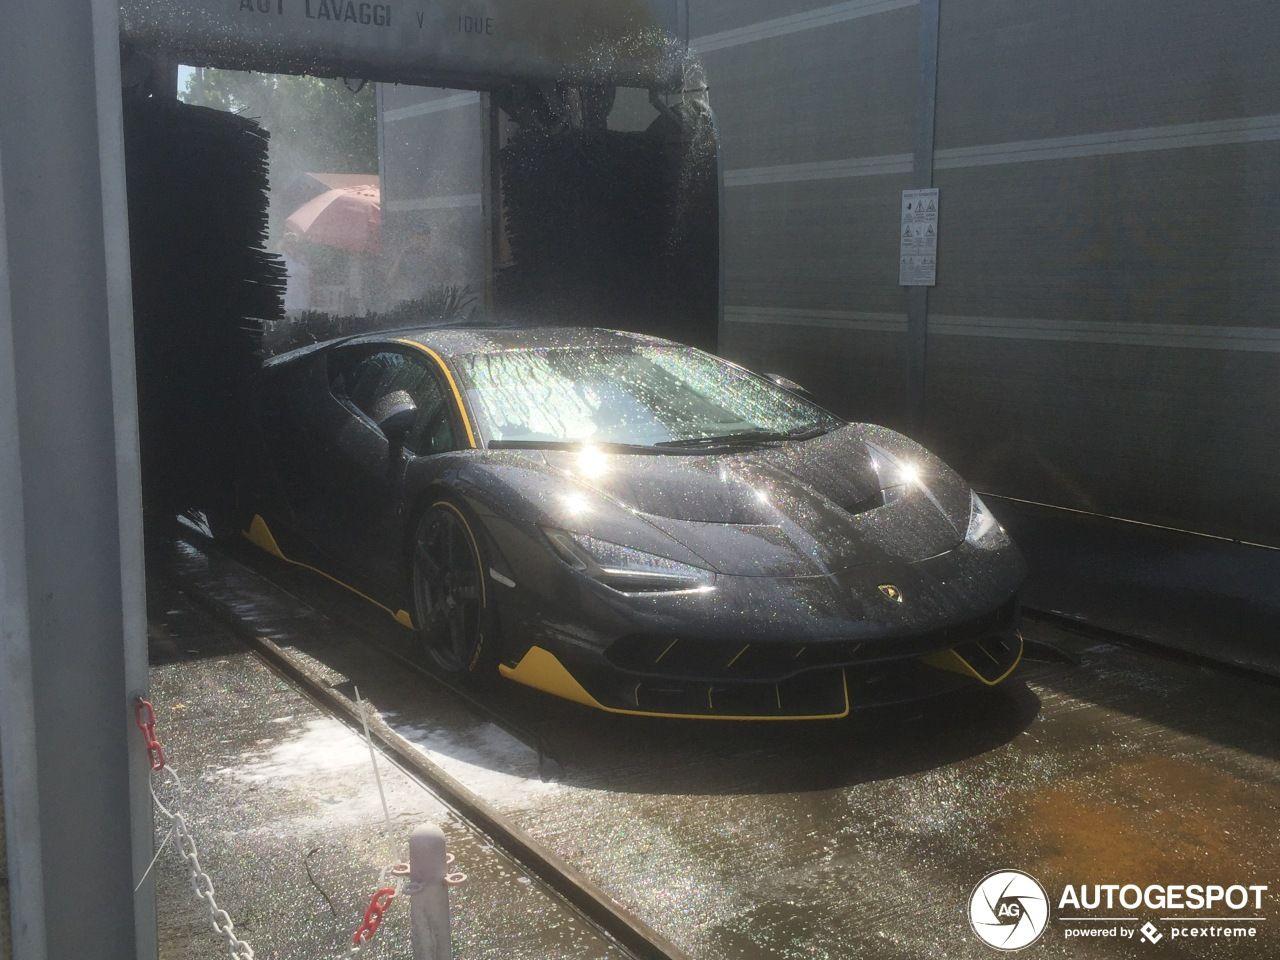 2 Million Lamborghini Centenario Goes Through Automatic Car Wash Automatic Car Wash Lamborghini Centenario Automatic Cars